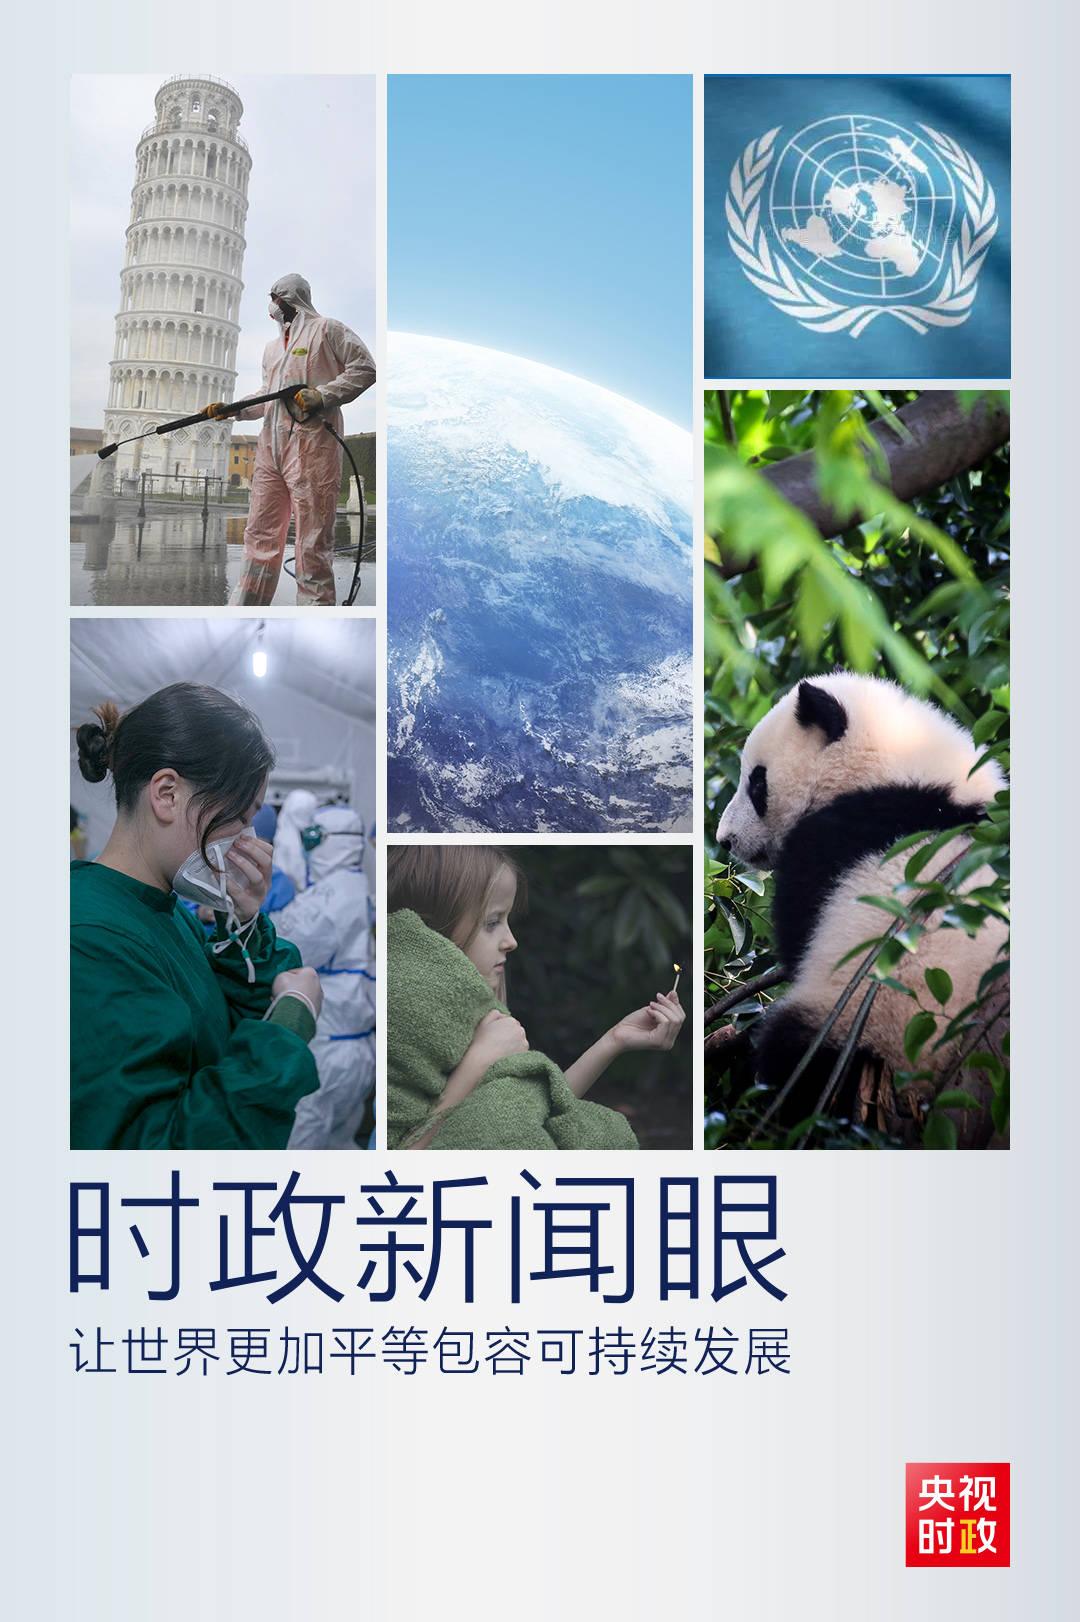 时政新闻眼丨从这句话读懂联合国大会上的中国主张